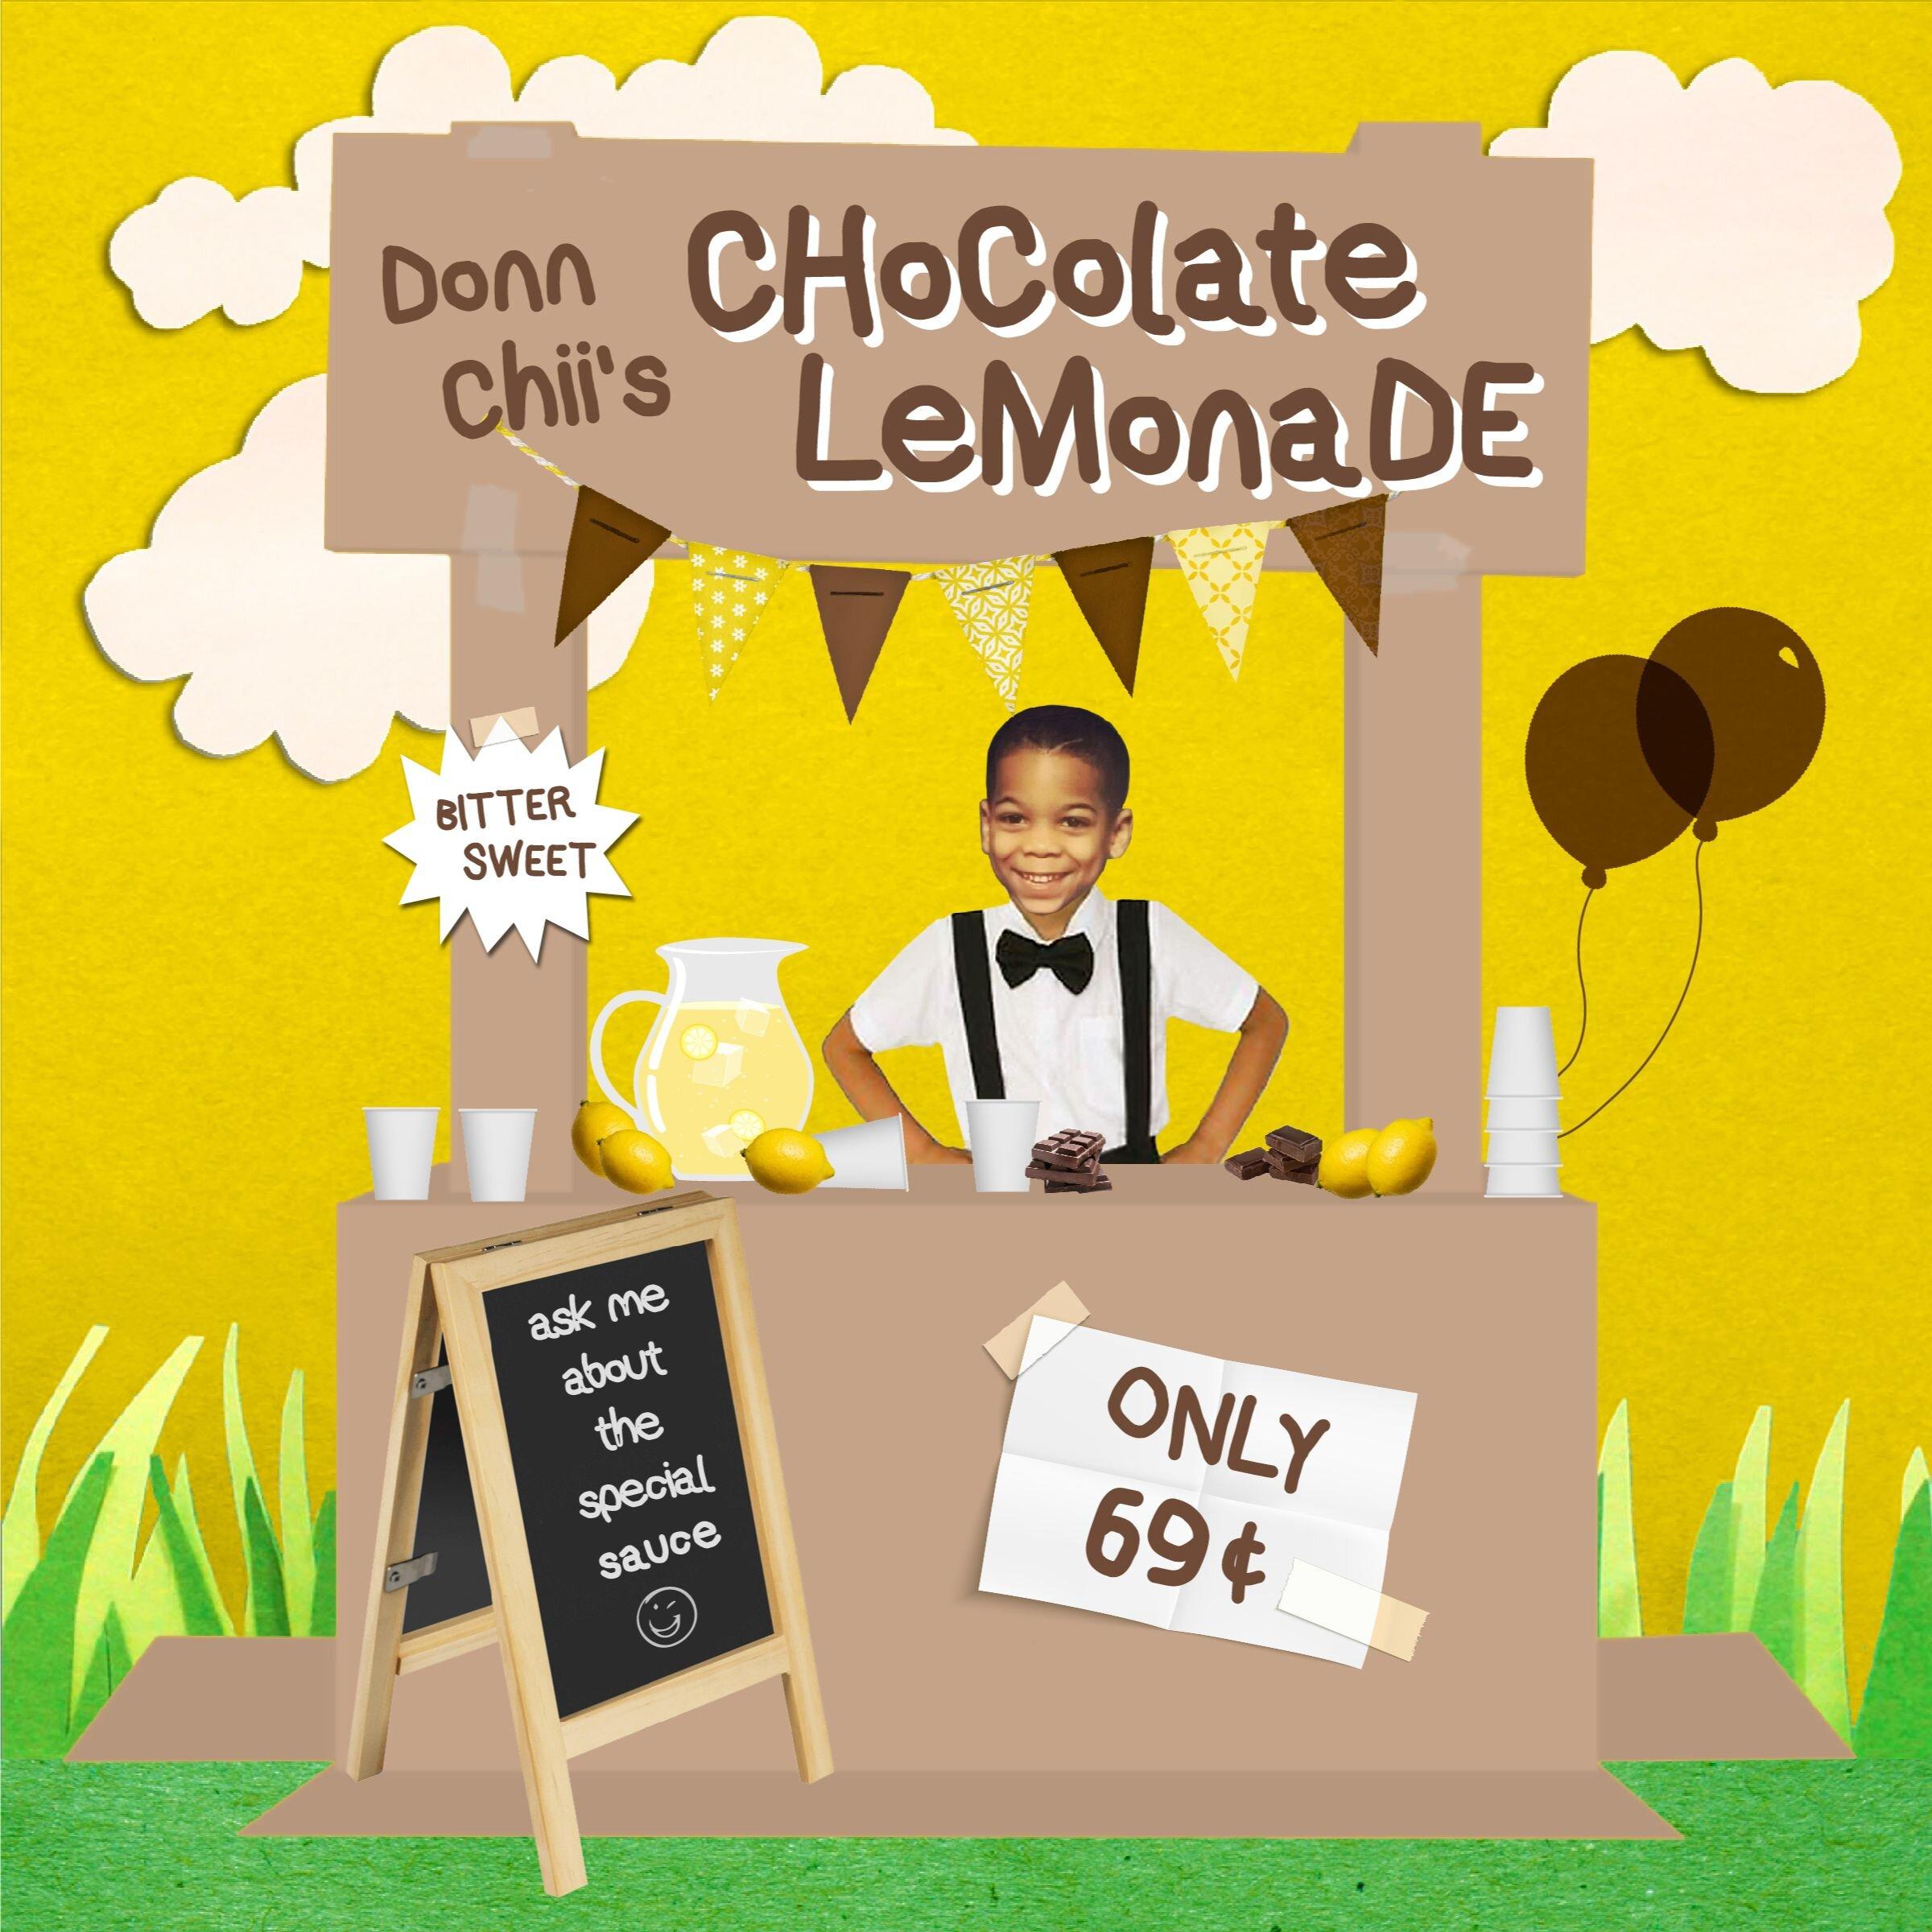 chocolatelemonade.jpg